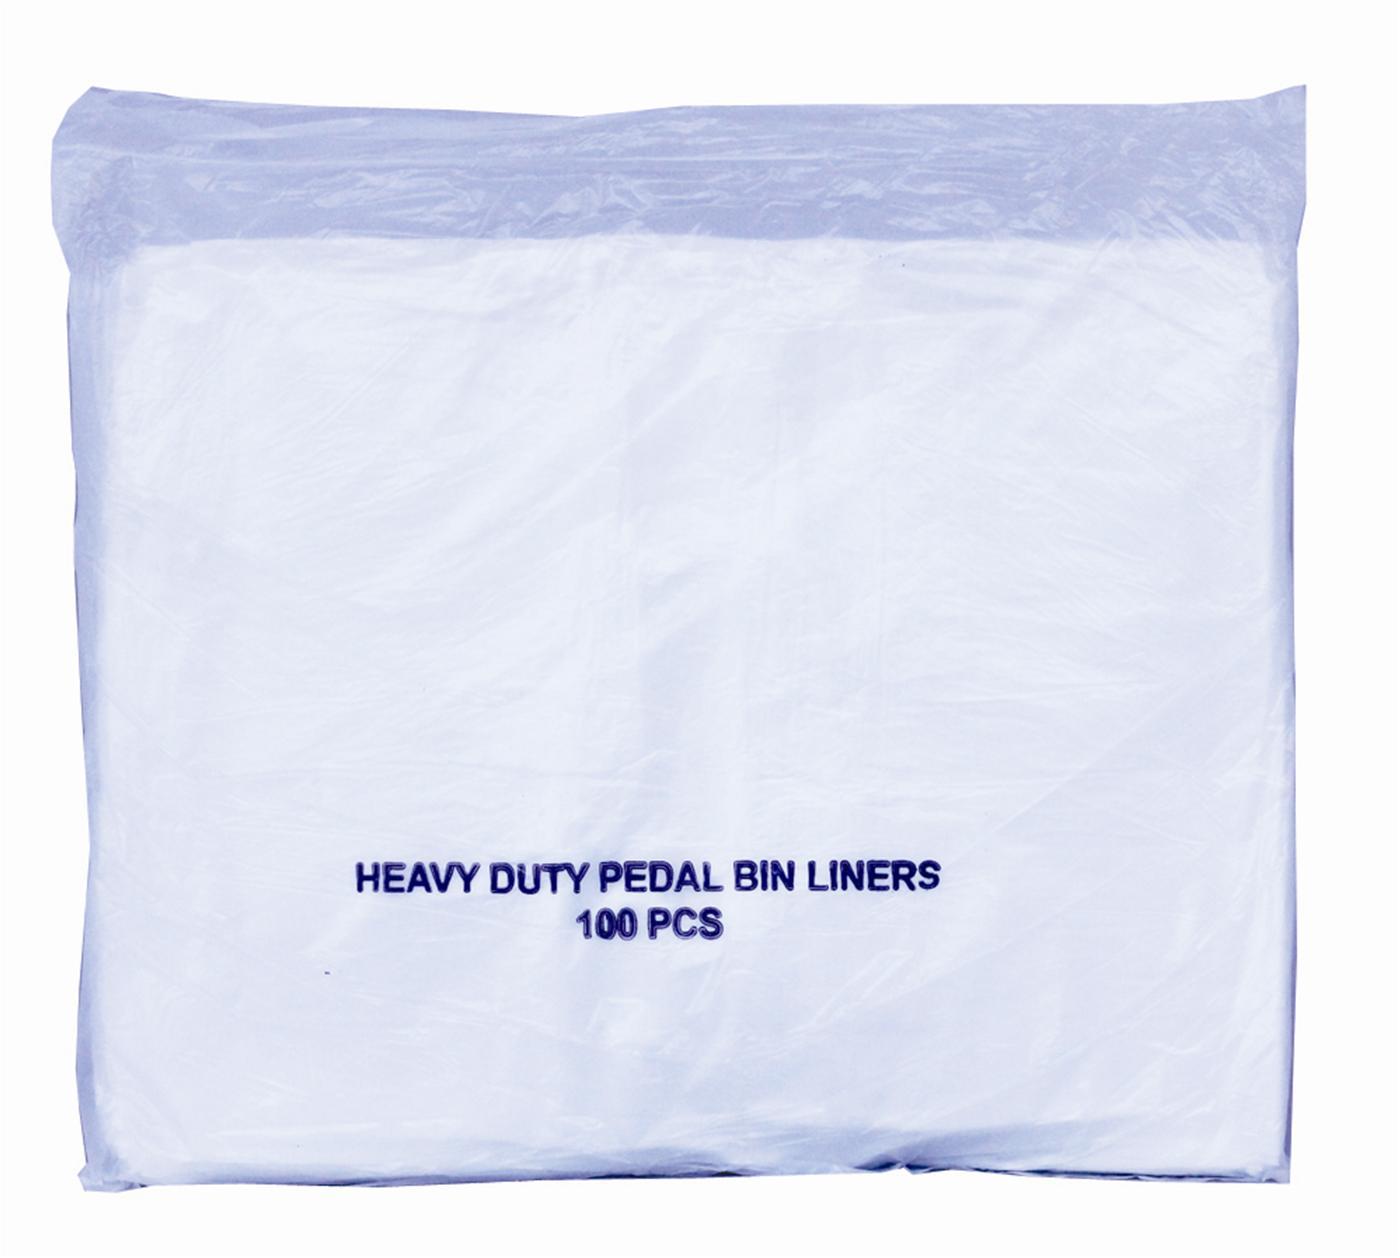 Premium Pedal Bin Liners